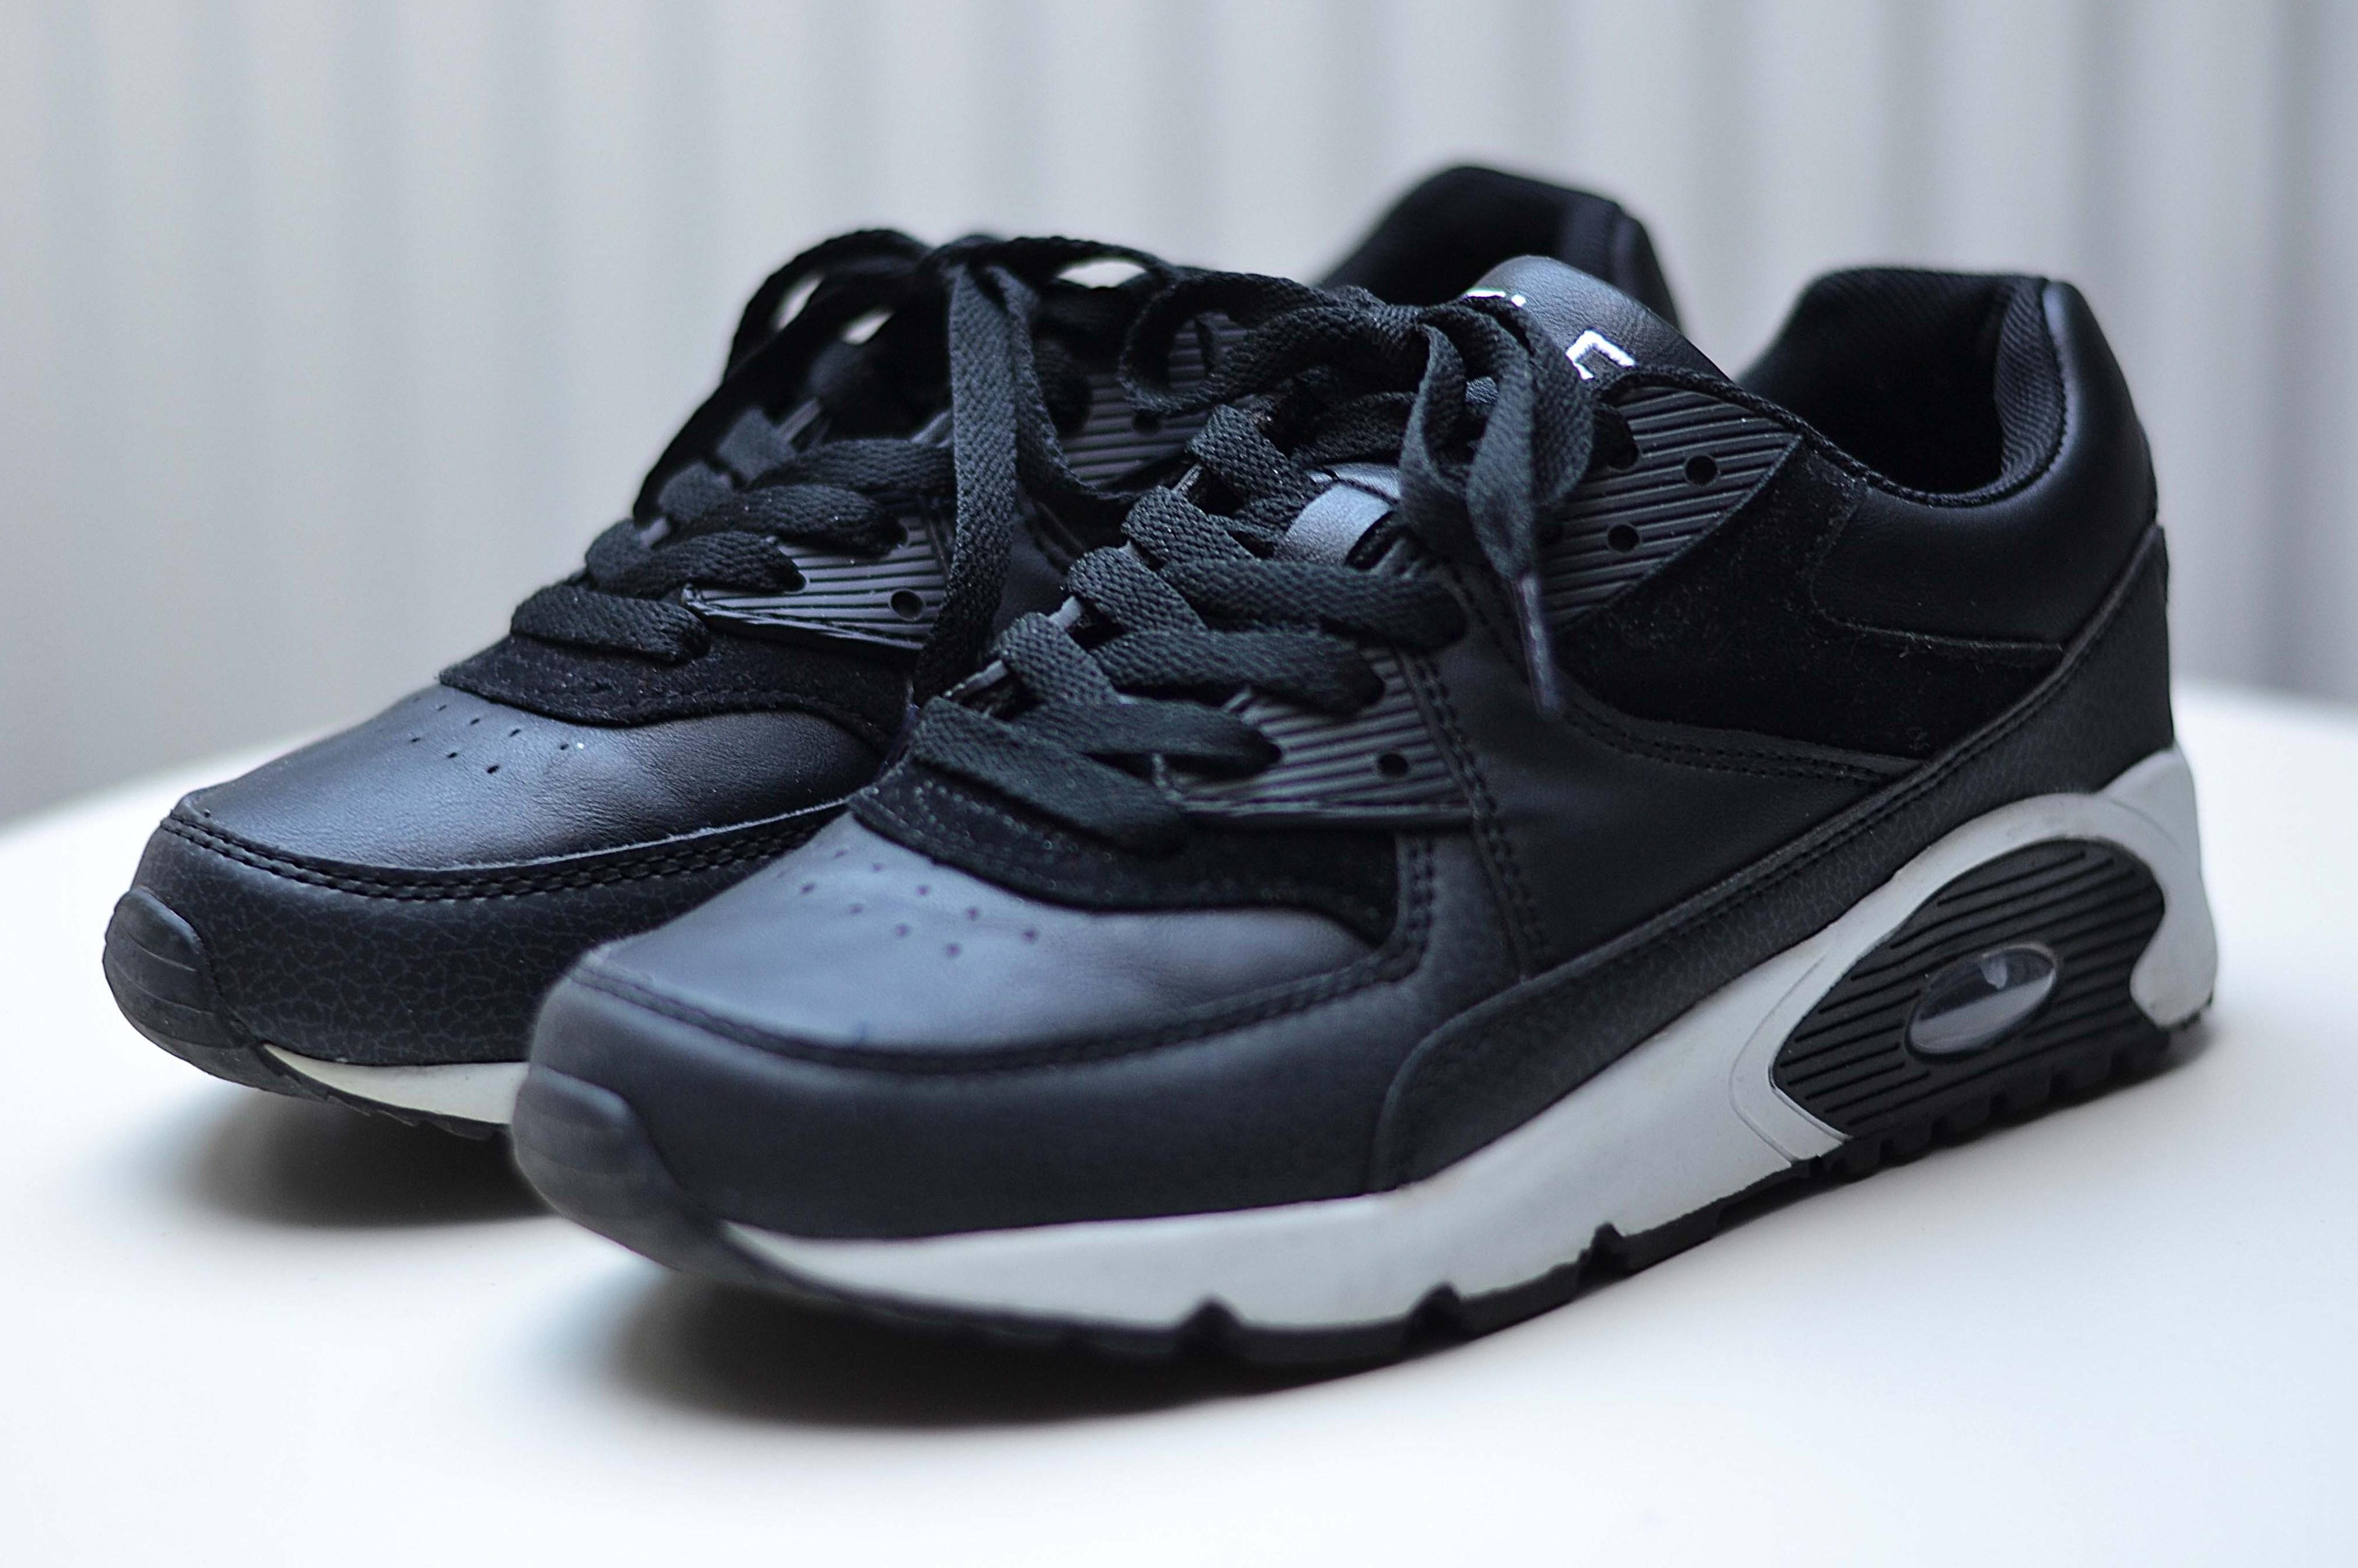 Schuhe von deichmann Kleiderkreisel